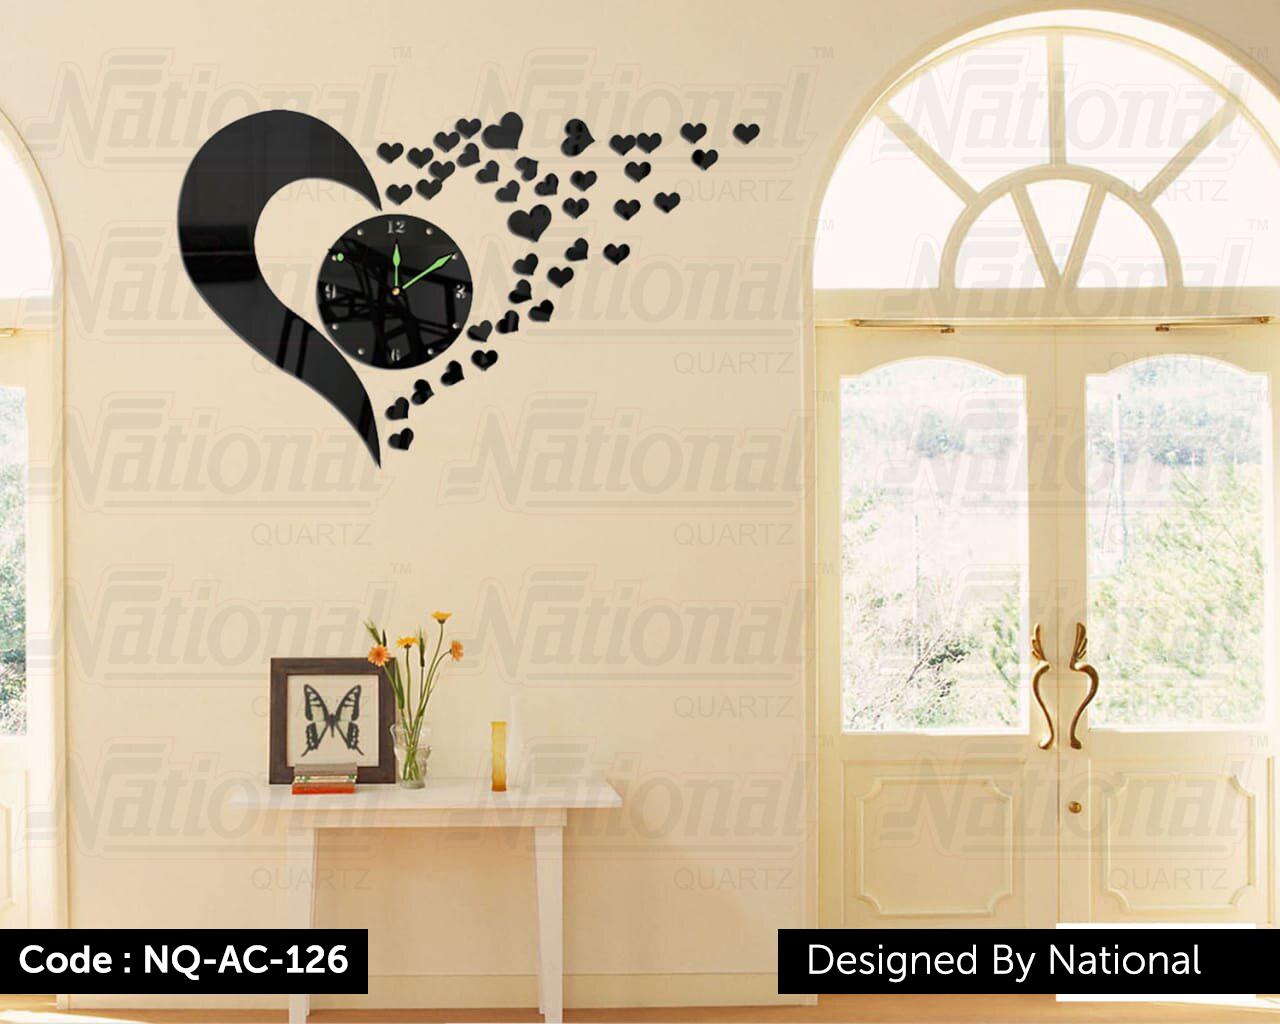 Decorative acrylic wall clock